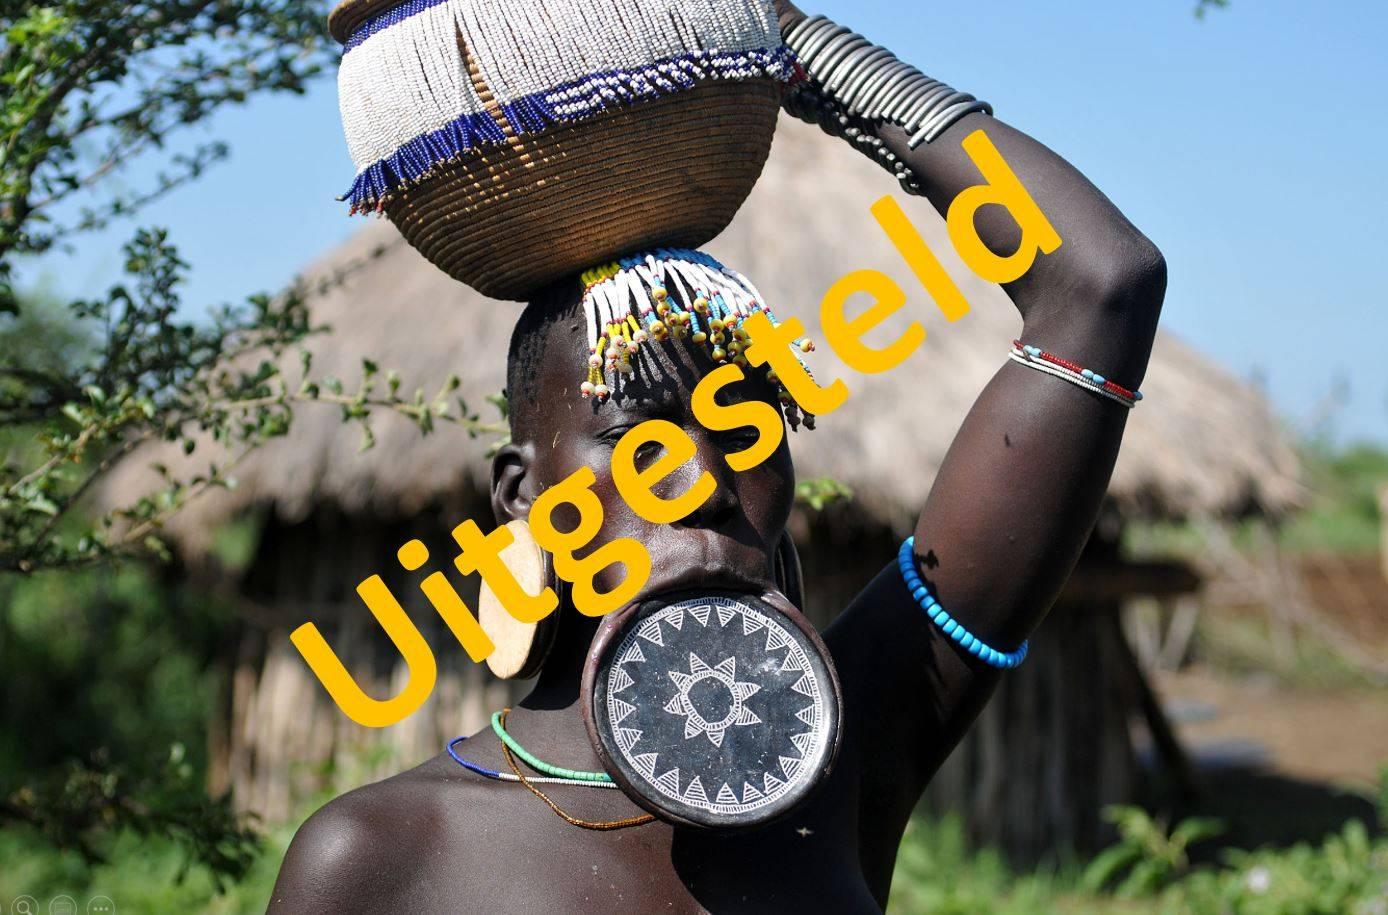 Reisverhaal over Ethiopië is uitgesteld